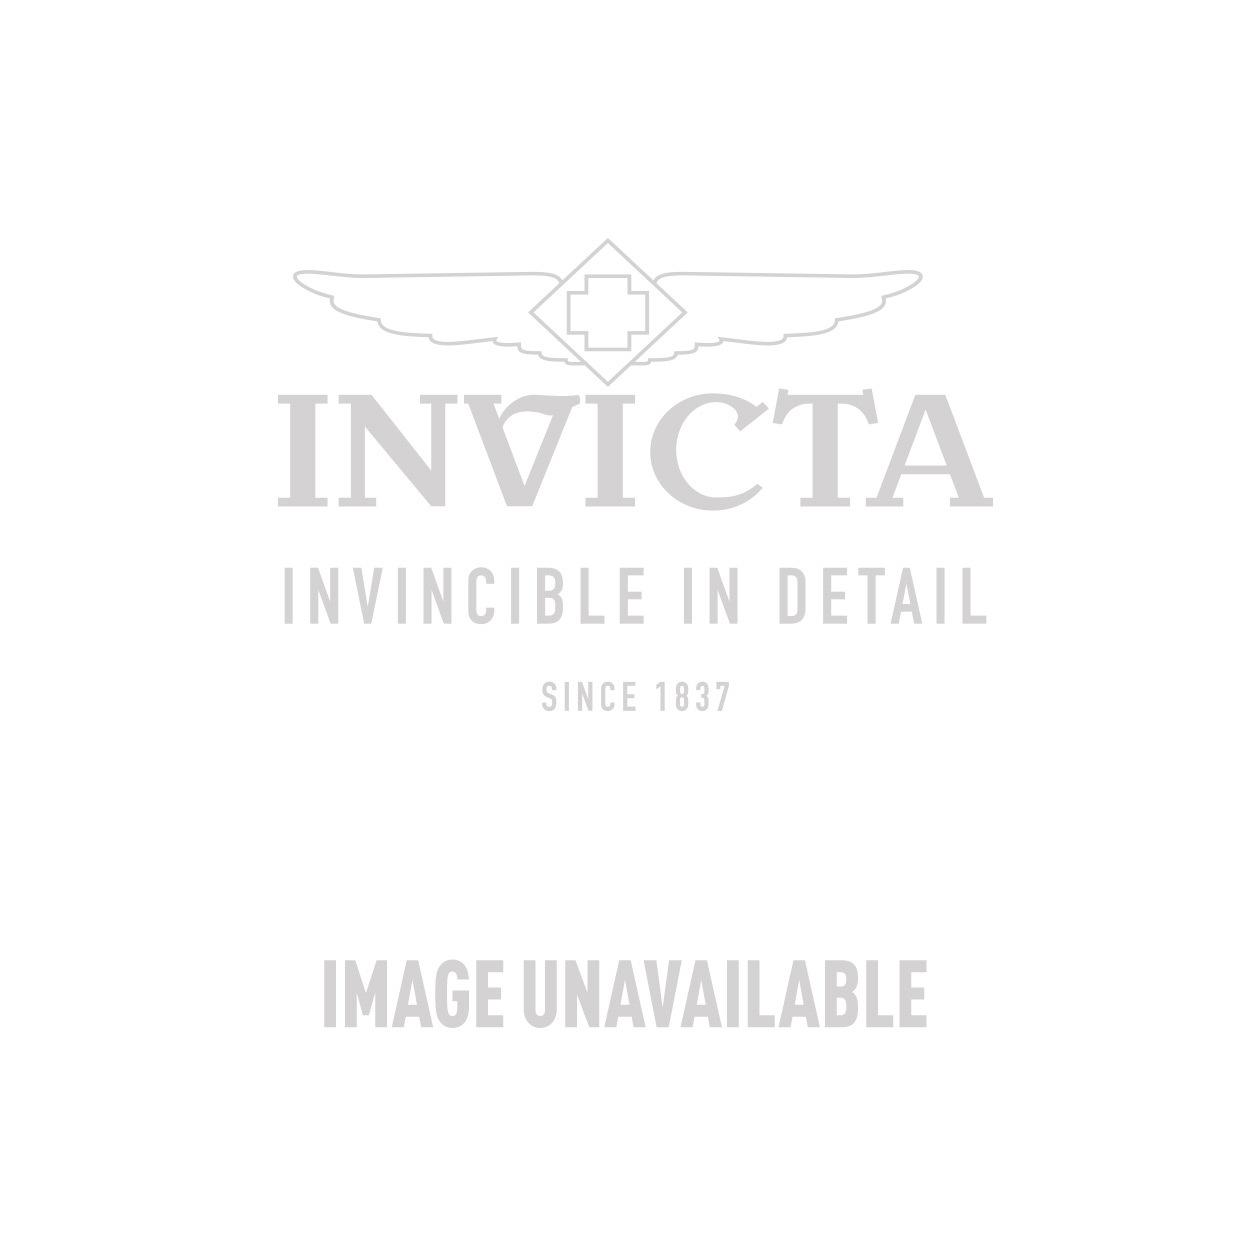 Invicta Model 21653